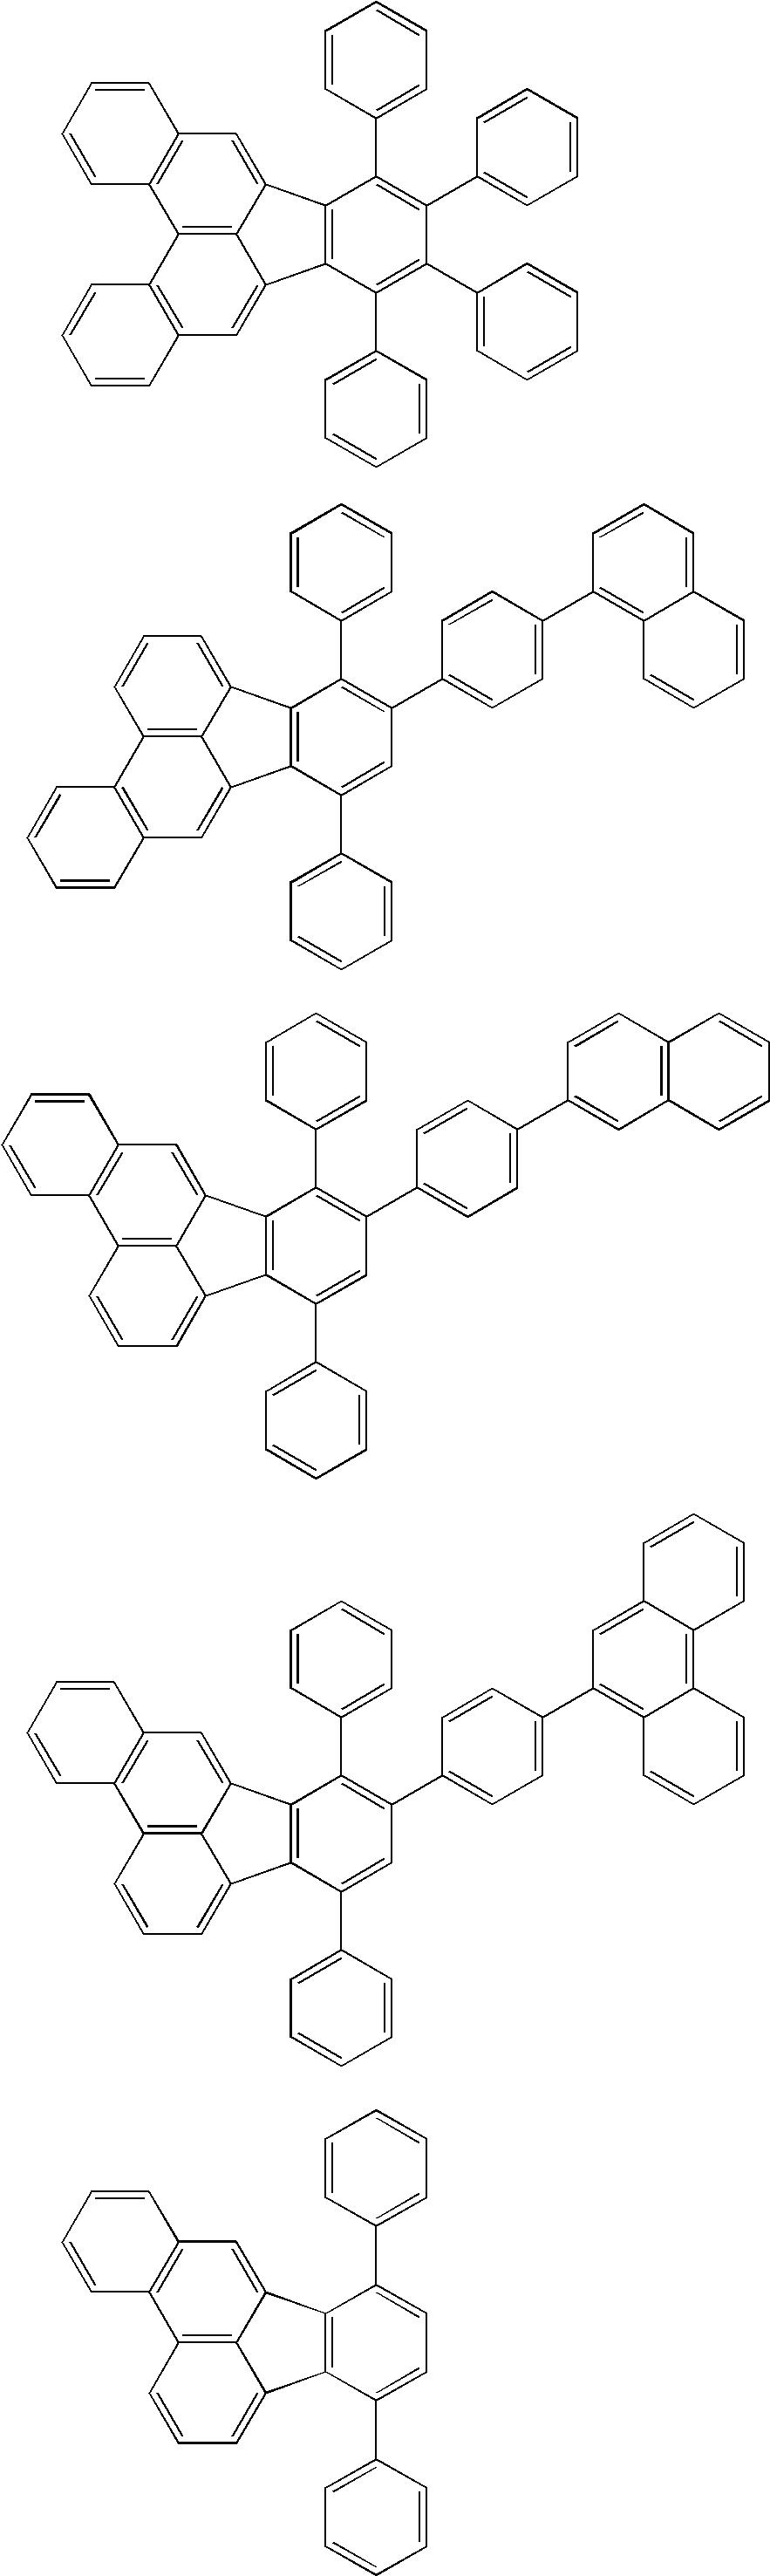 Figure US20100171109A1-20100708-C00034